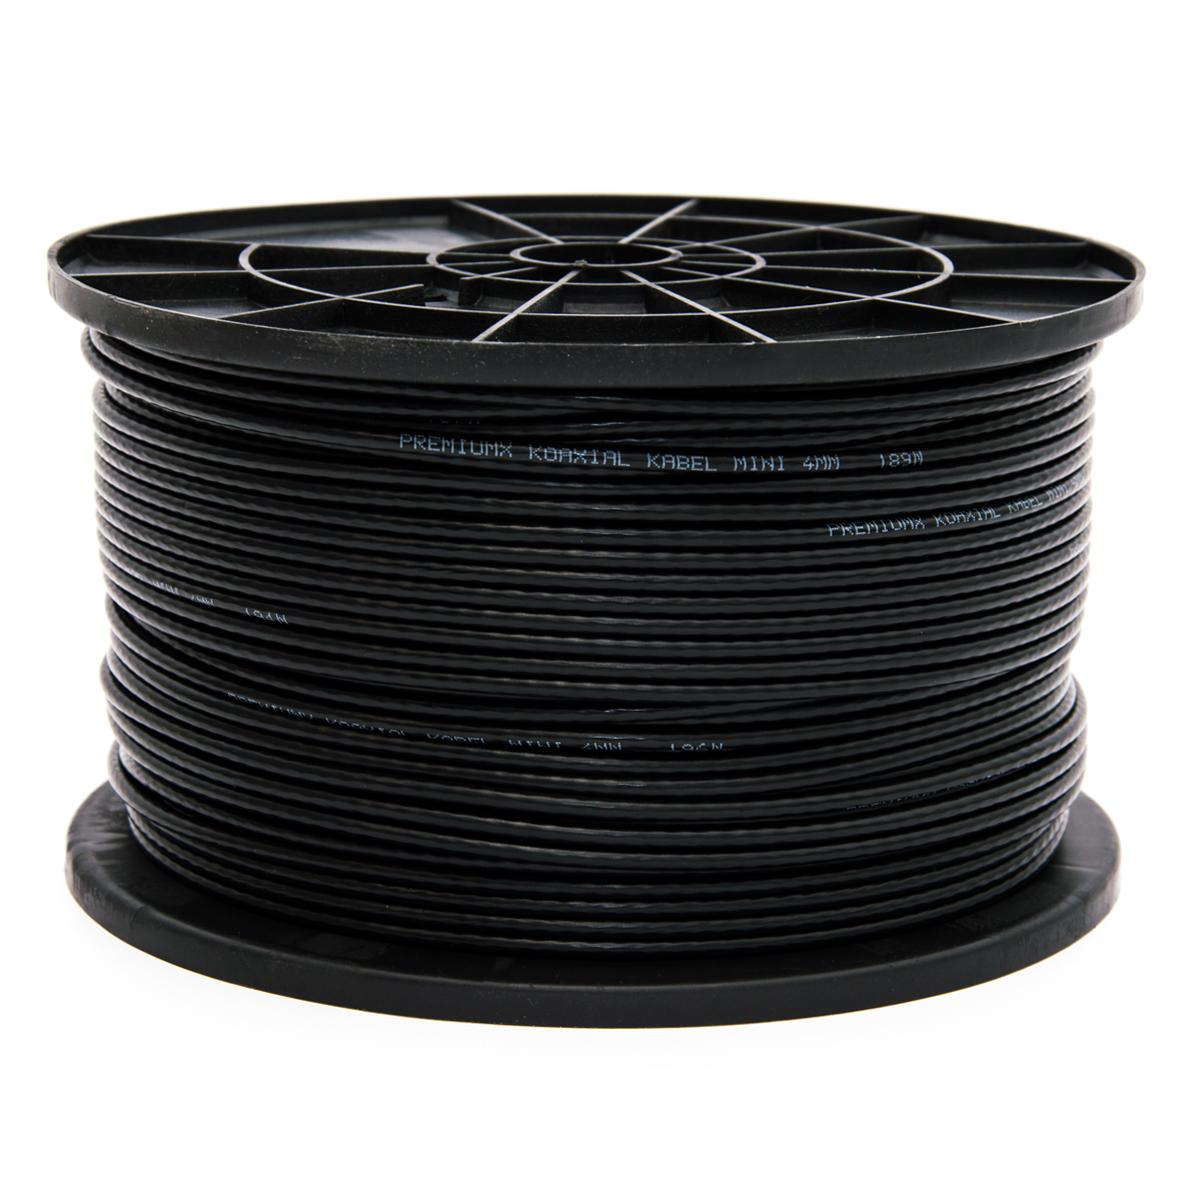 25m PremiumX Mini Koaxial Sat Kabel 4mm extra dünn Schwarz Koax Antennenkabel 2-fach geschirmt für Sat | Kabel | DVB-T – Ultra HD 4K 3D